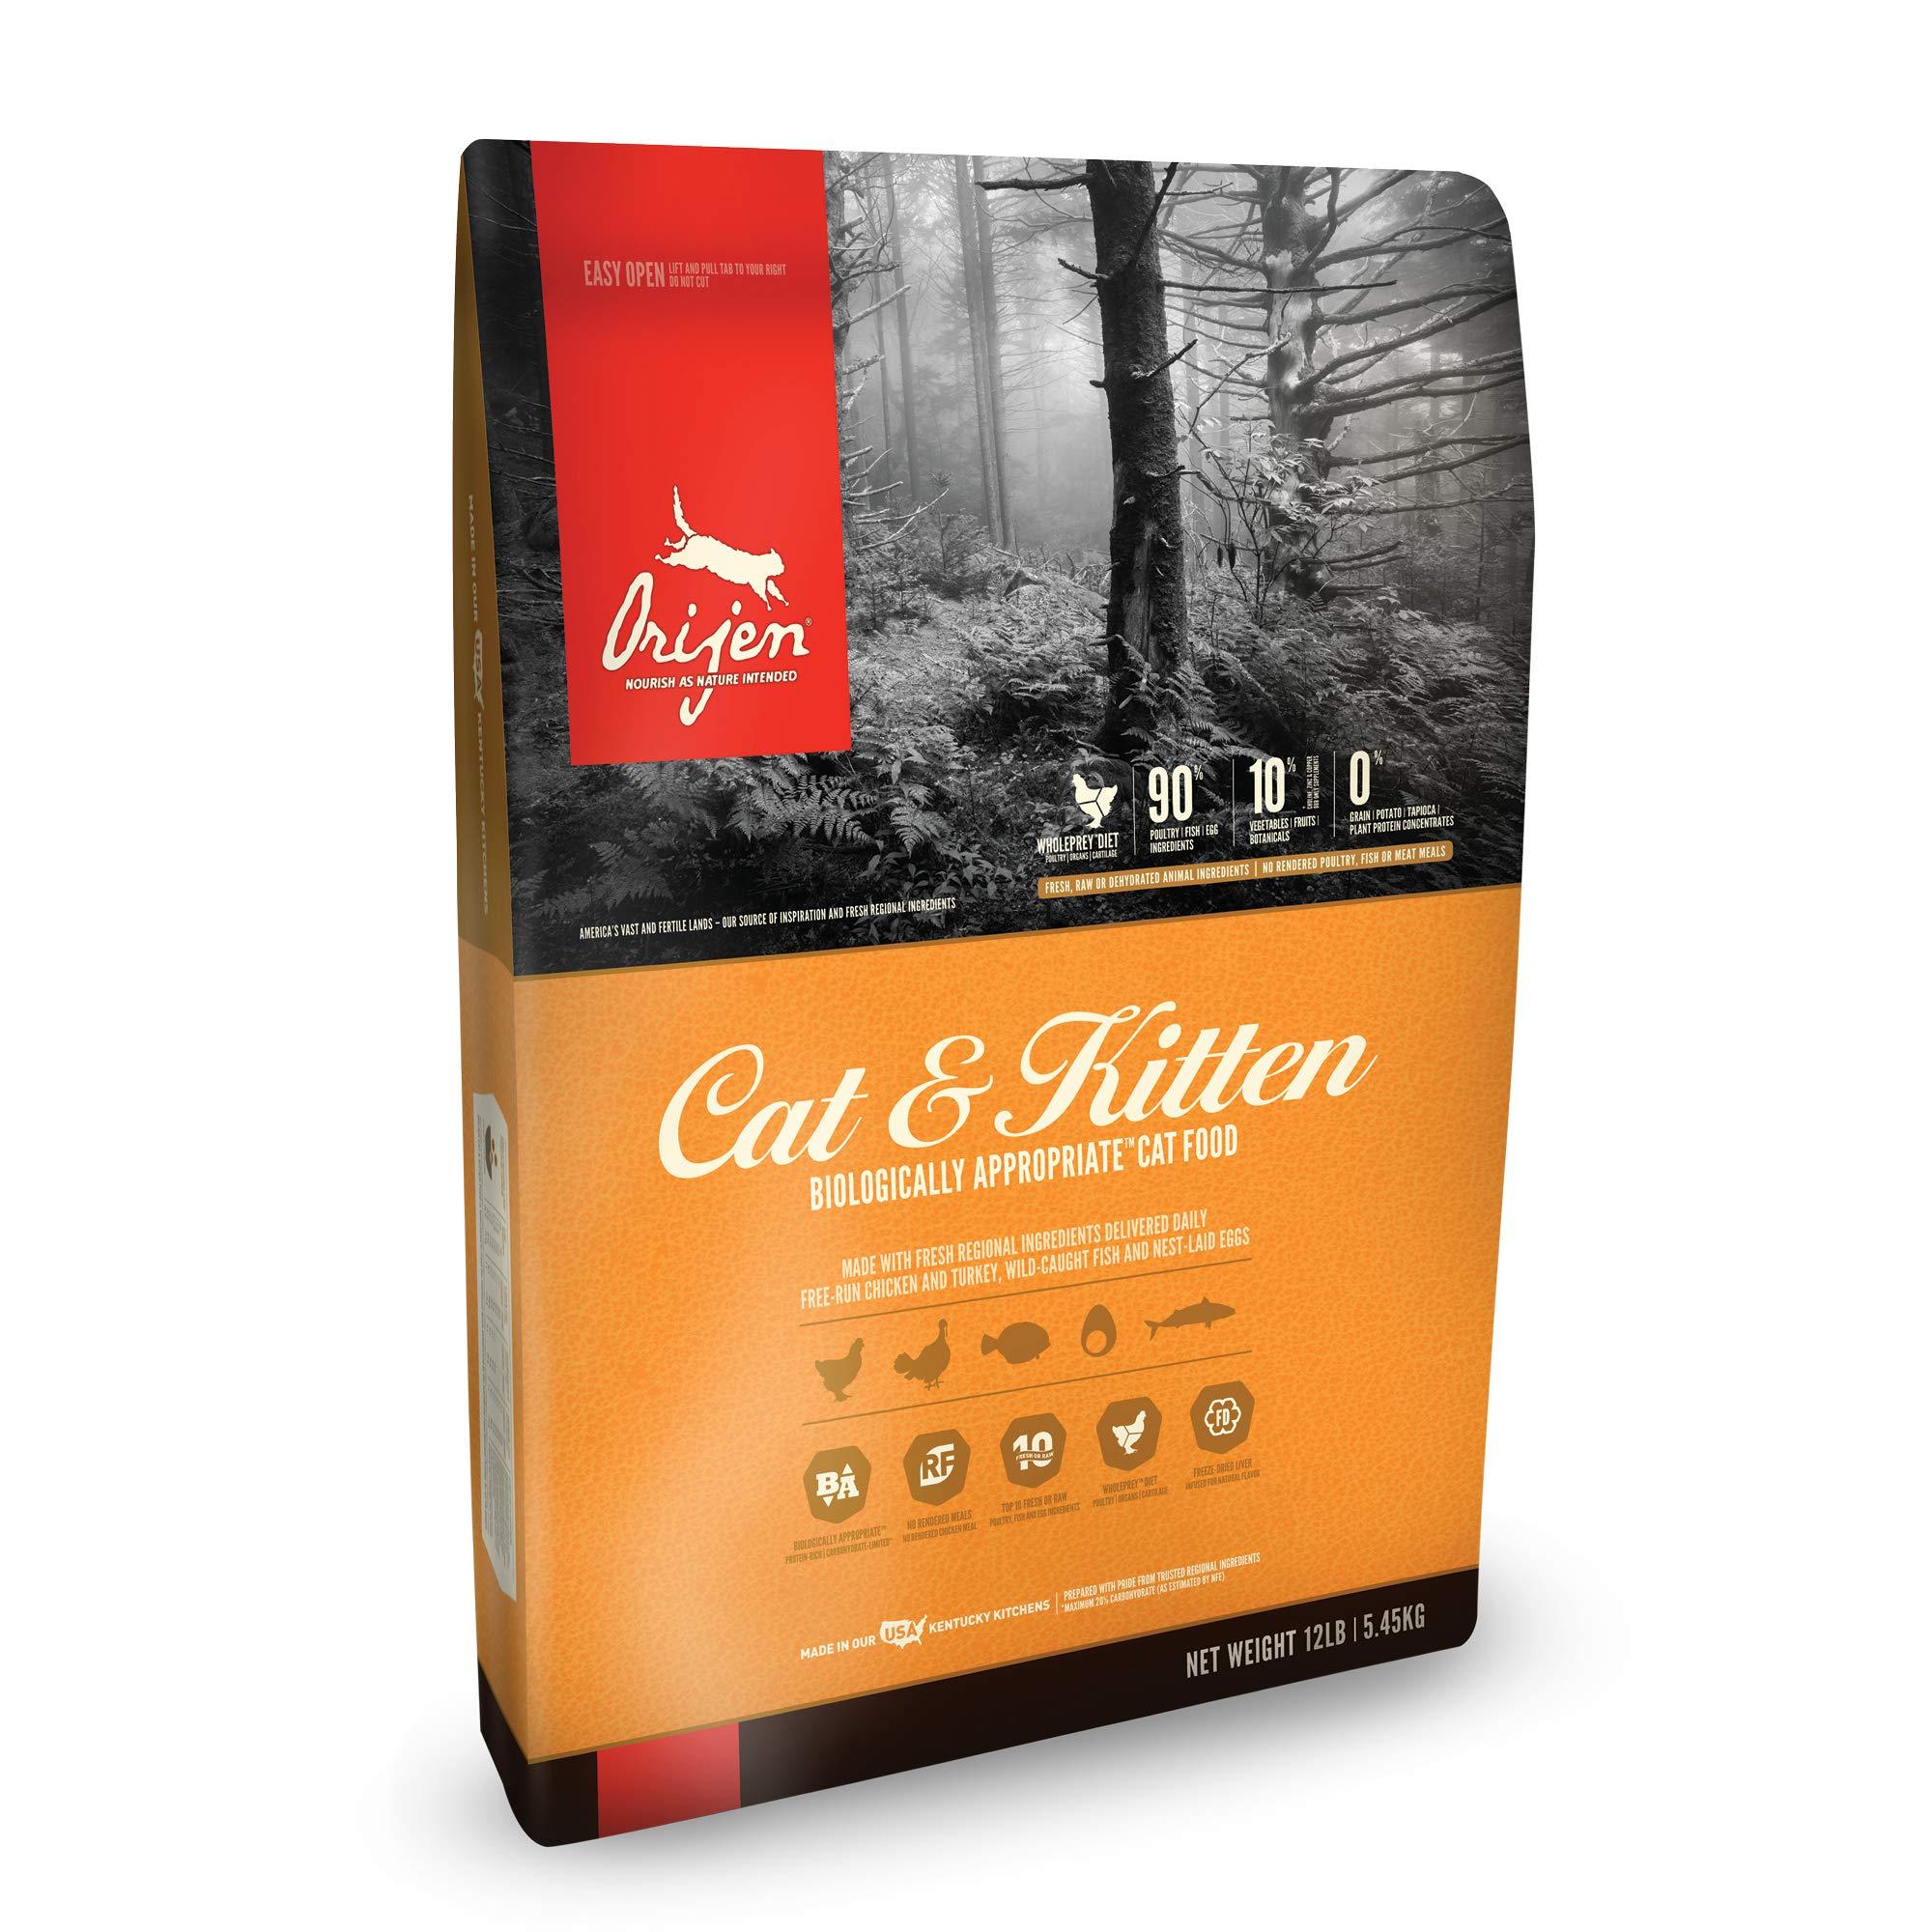 ORIJEN Dry Cat Food, Cat & Kitten, Biologically Appropriate & Grain Free by Orijen